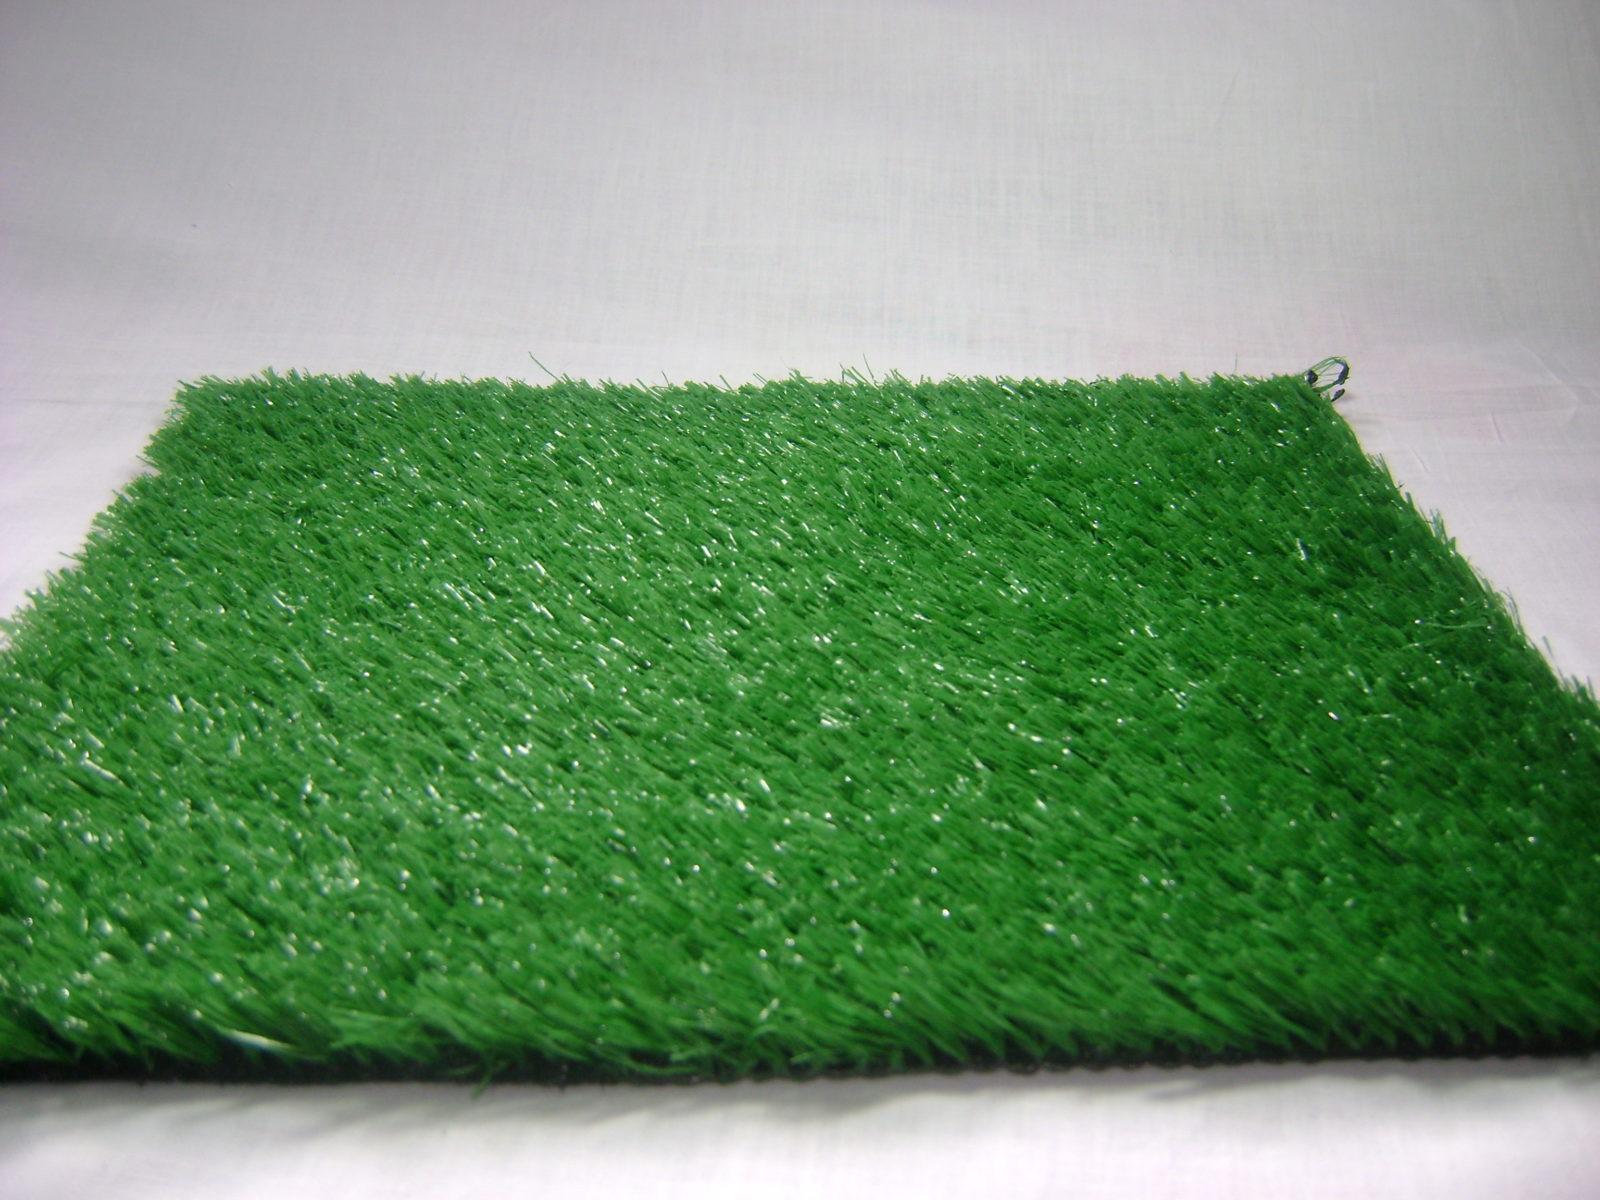 grama sintetica para jardim em curitiba:Grama sintética – nossas experiências – Dona de uma Frigga